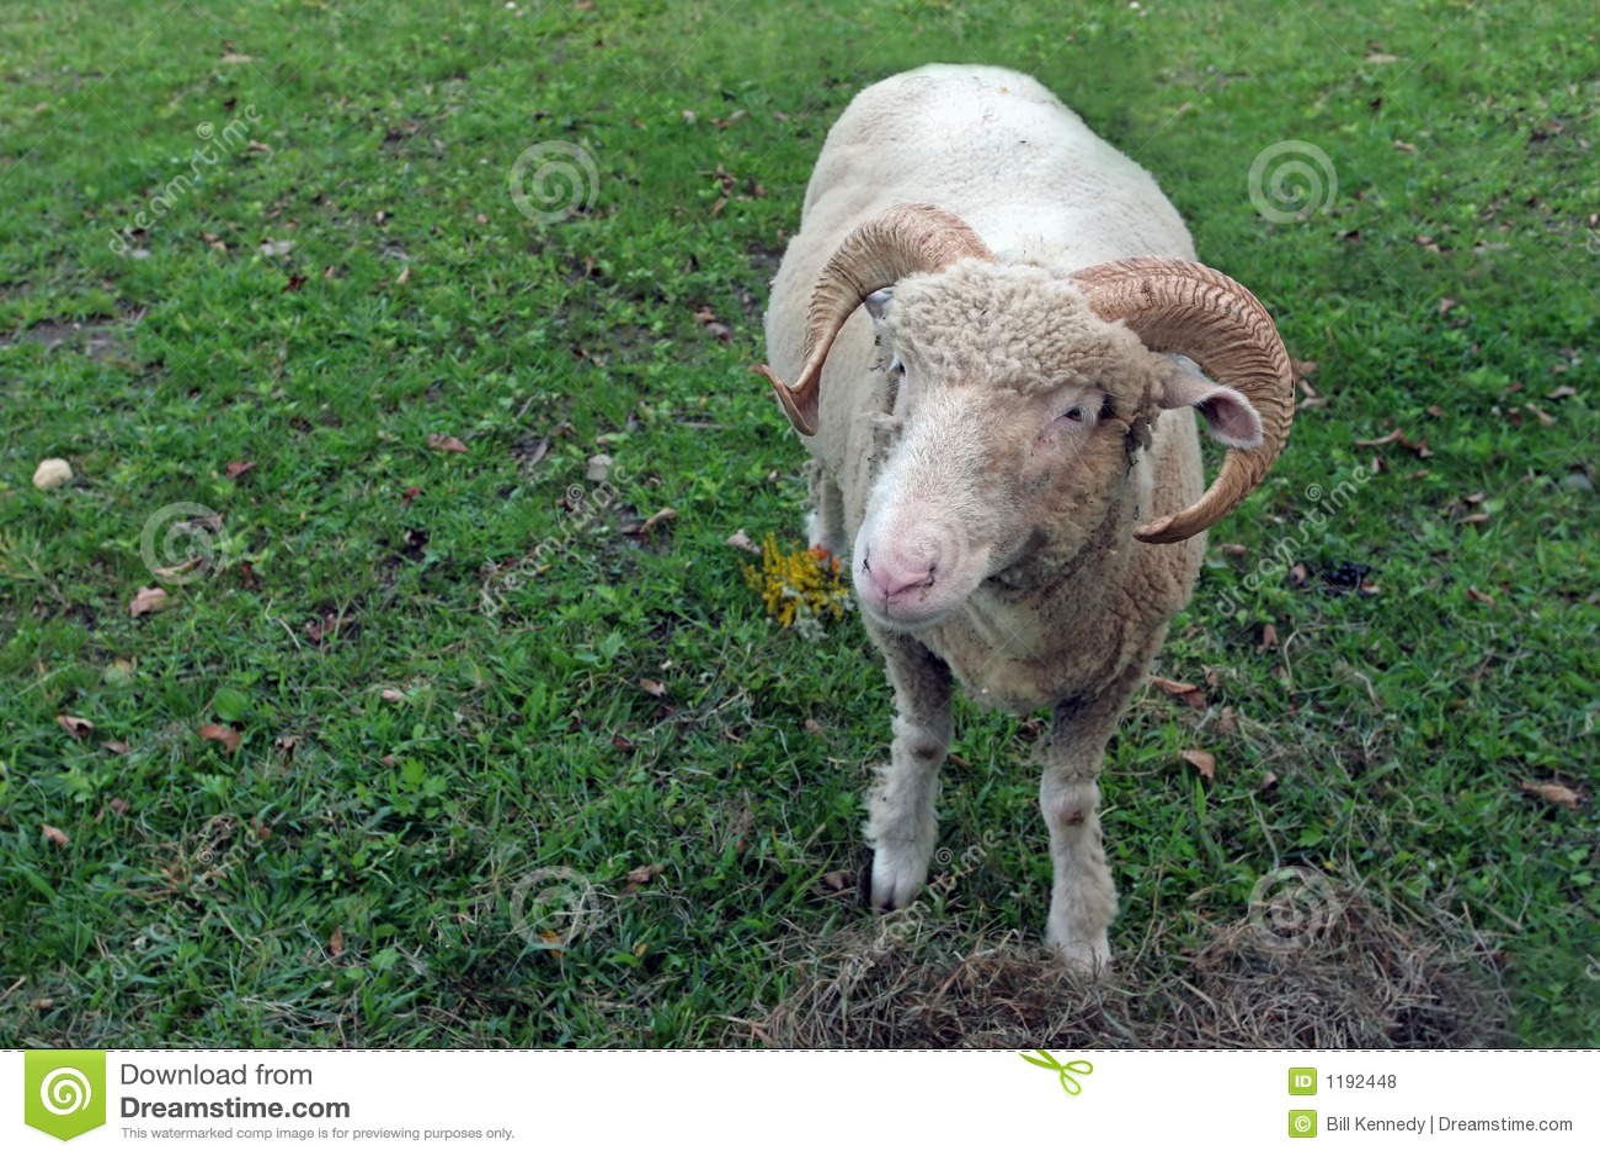 Cute Ram